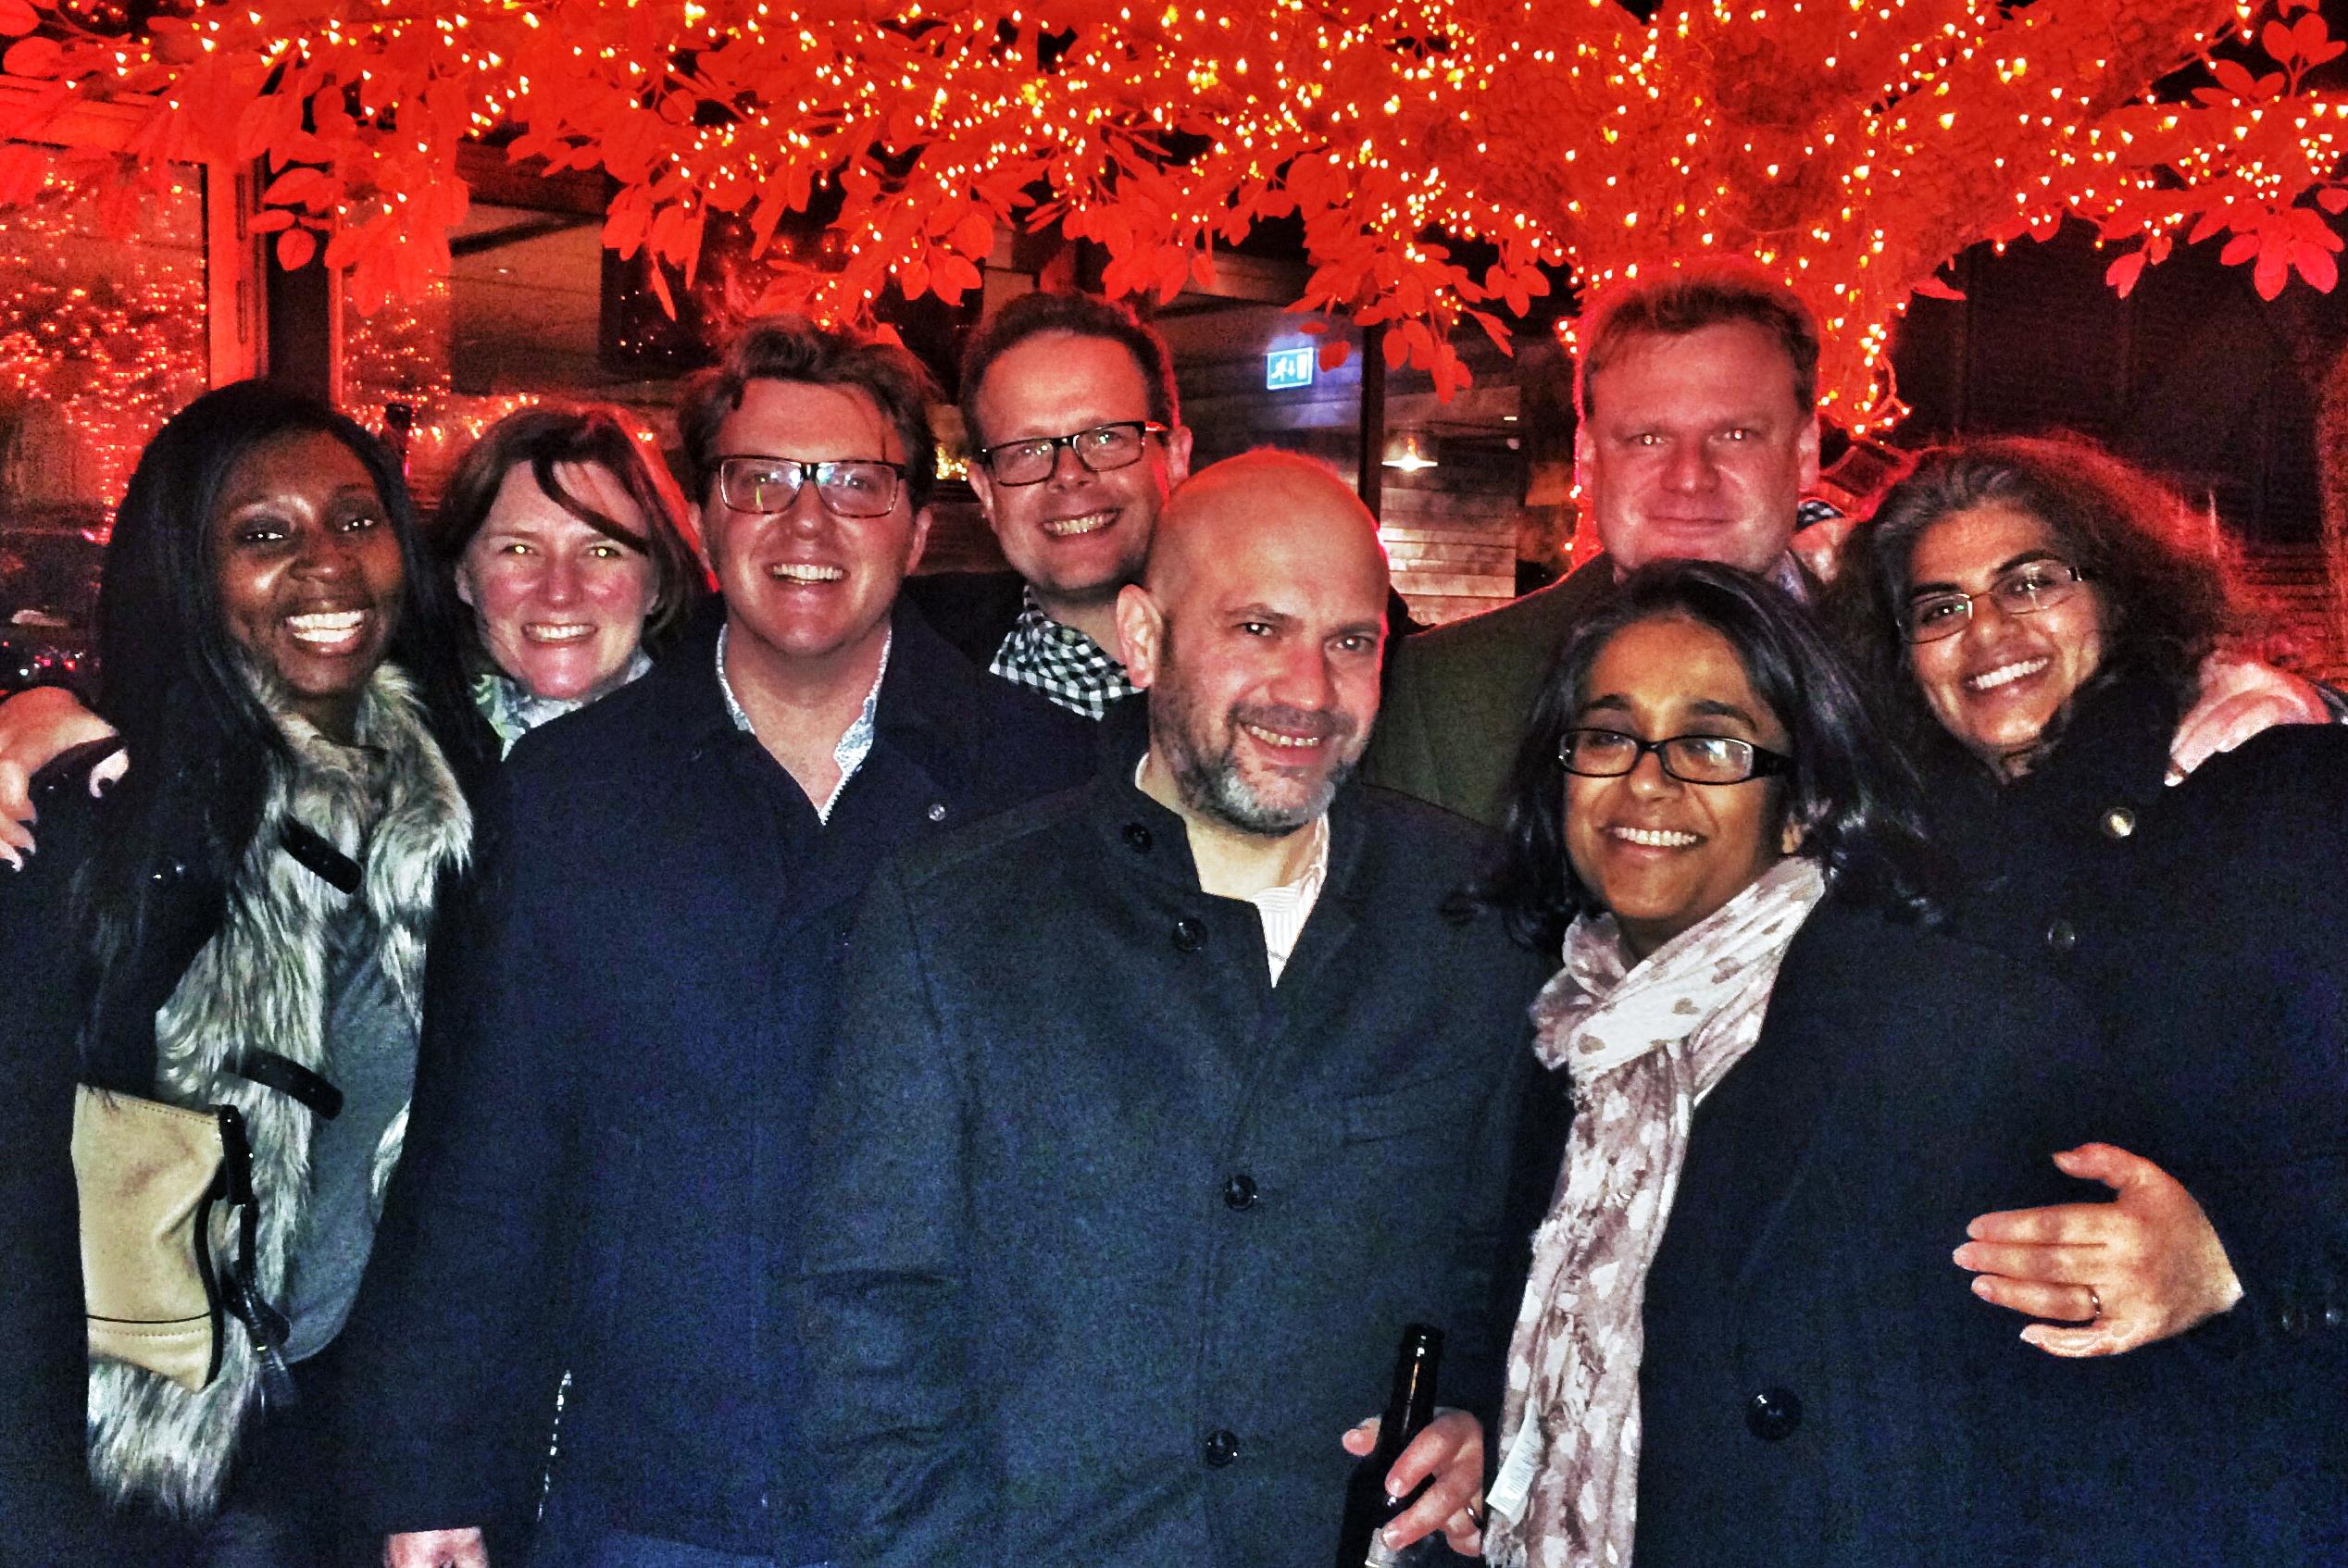 Shearers, Magnuses, Matthewses, and Guests at SushiSamba